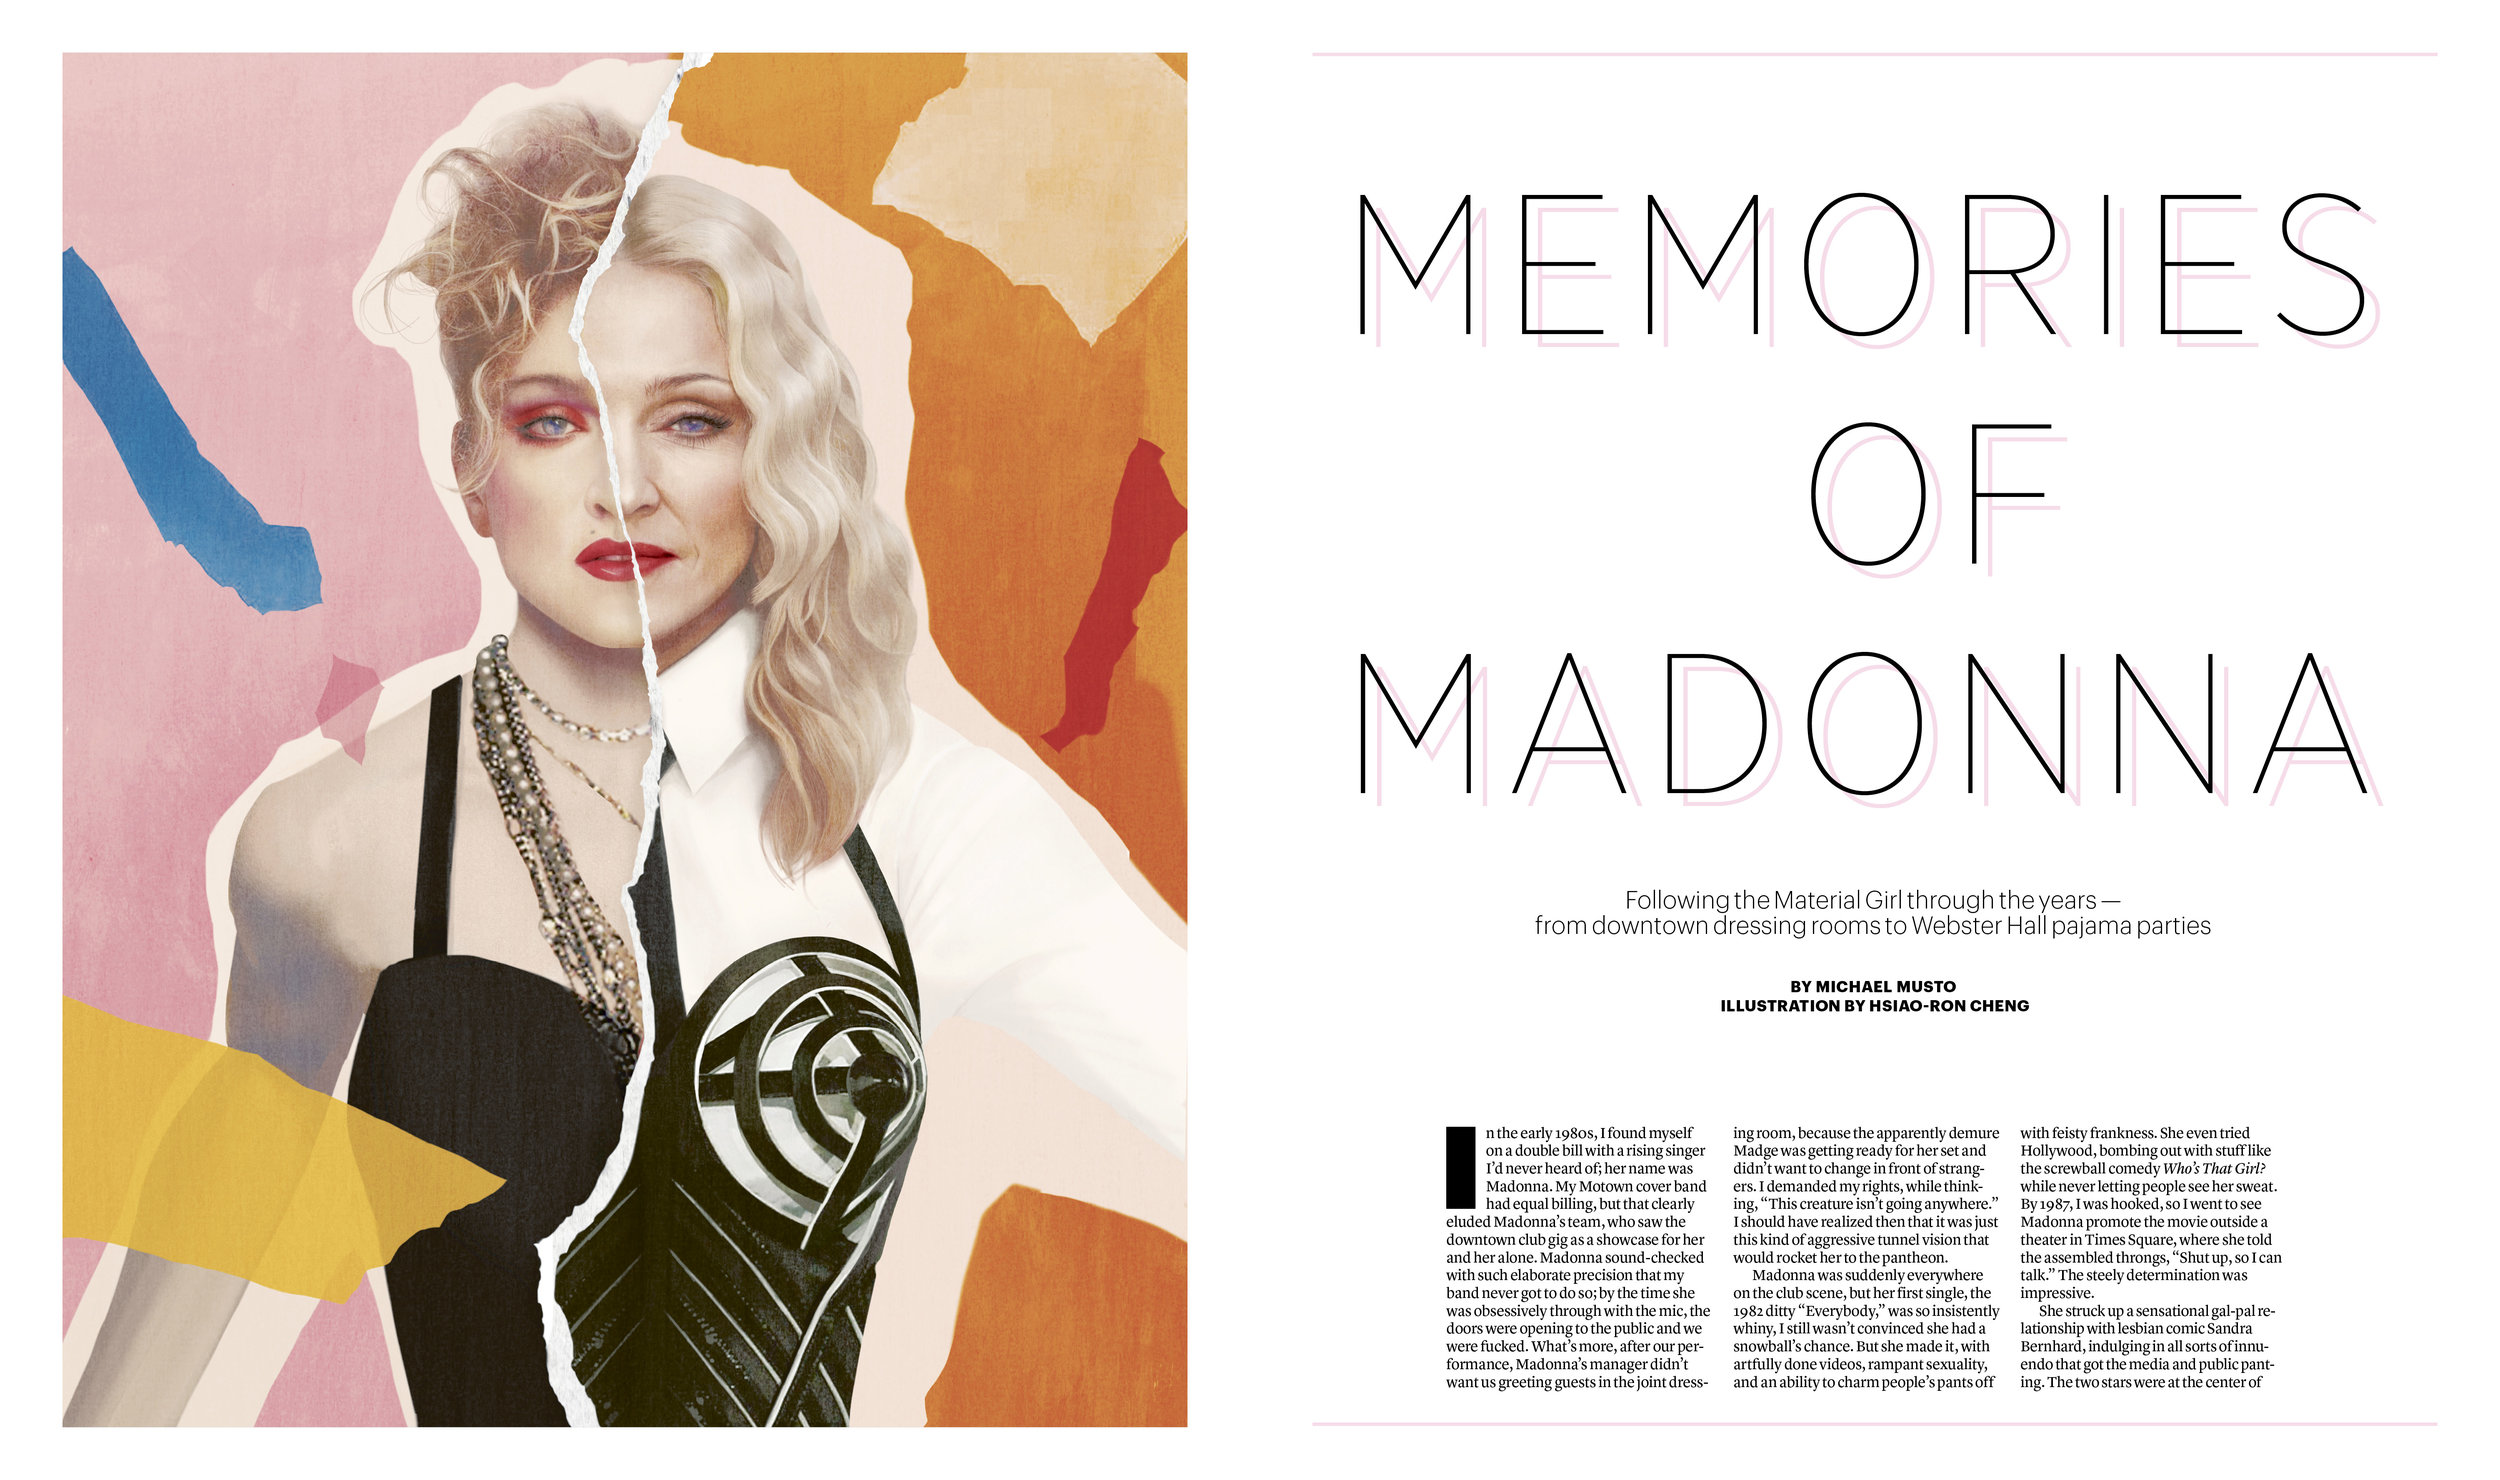 Madonna's 25th Truth or Dare Anniversary